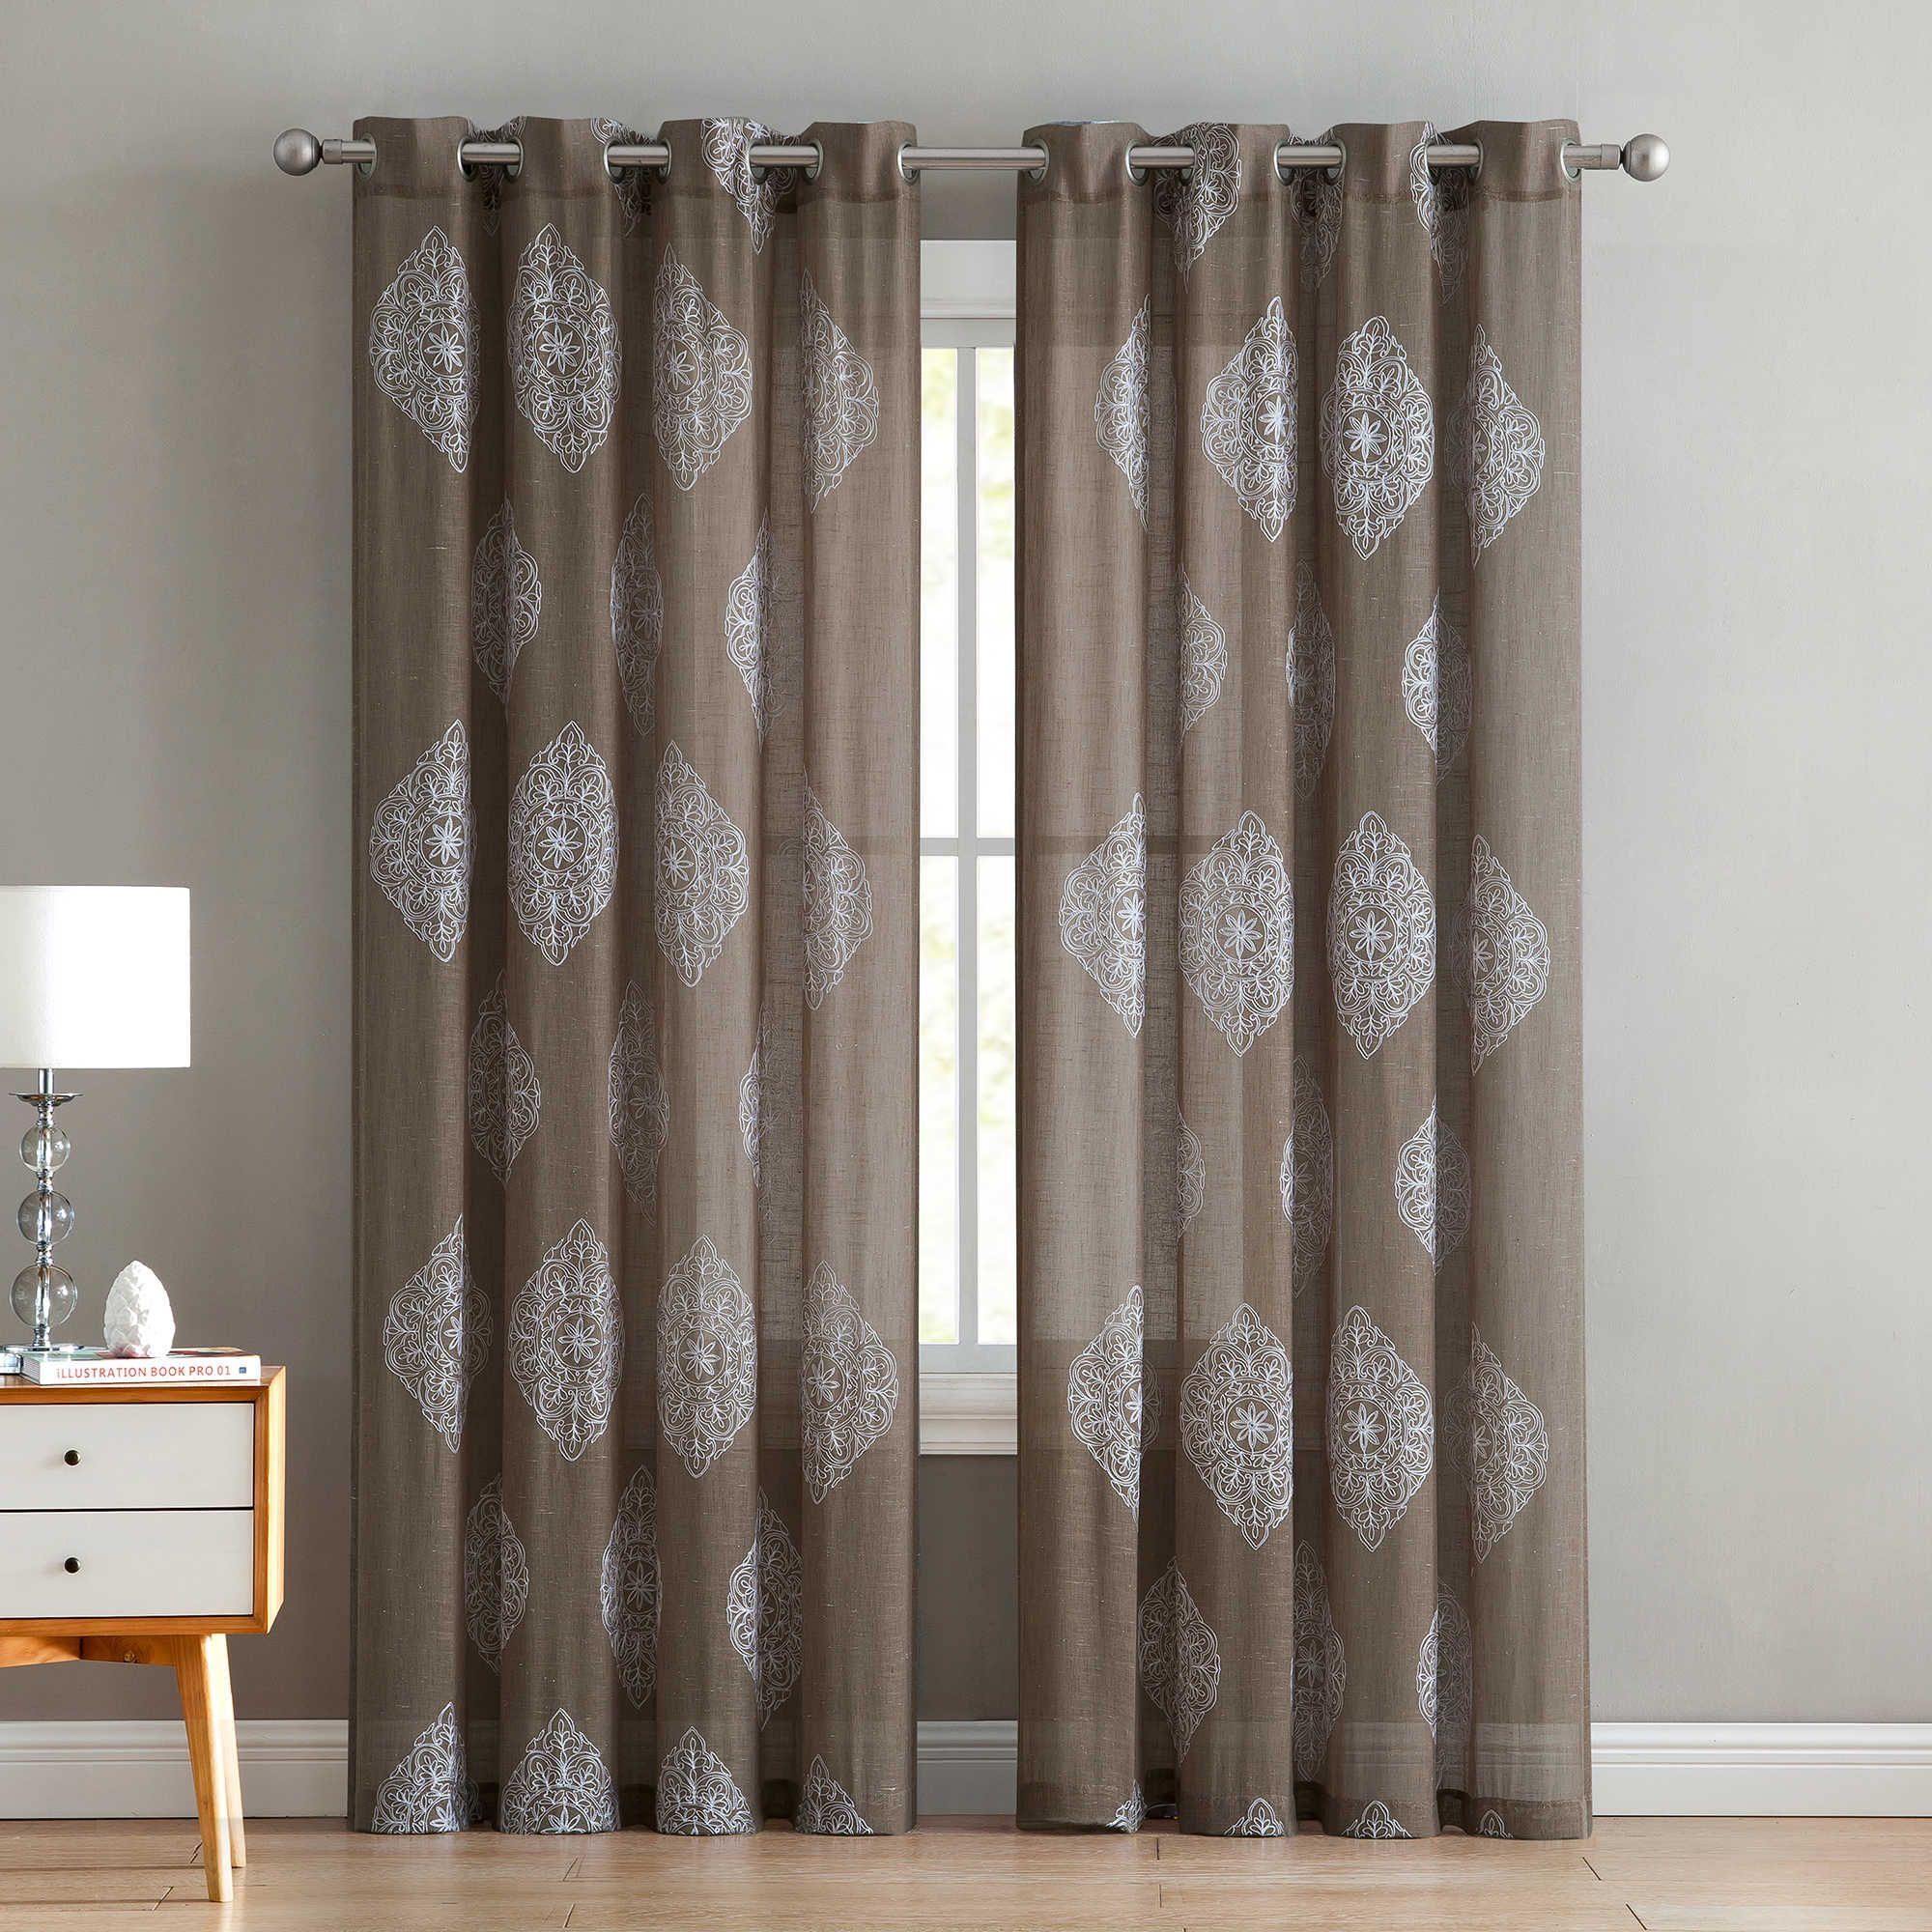 Vcny Home Gemma 84 Inch Grommet Top Window Curtain Panel In Regarding Essentials Almaden Fretwork Printed Grommet Top Curtain Panel Pairs (View 17 of 20)